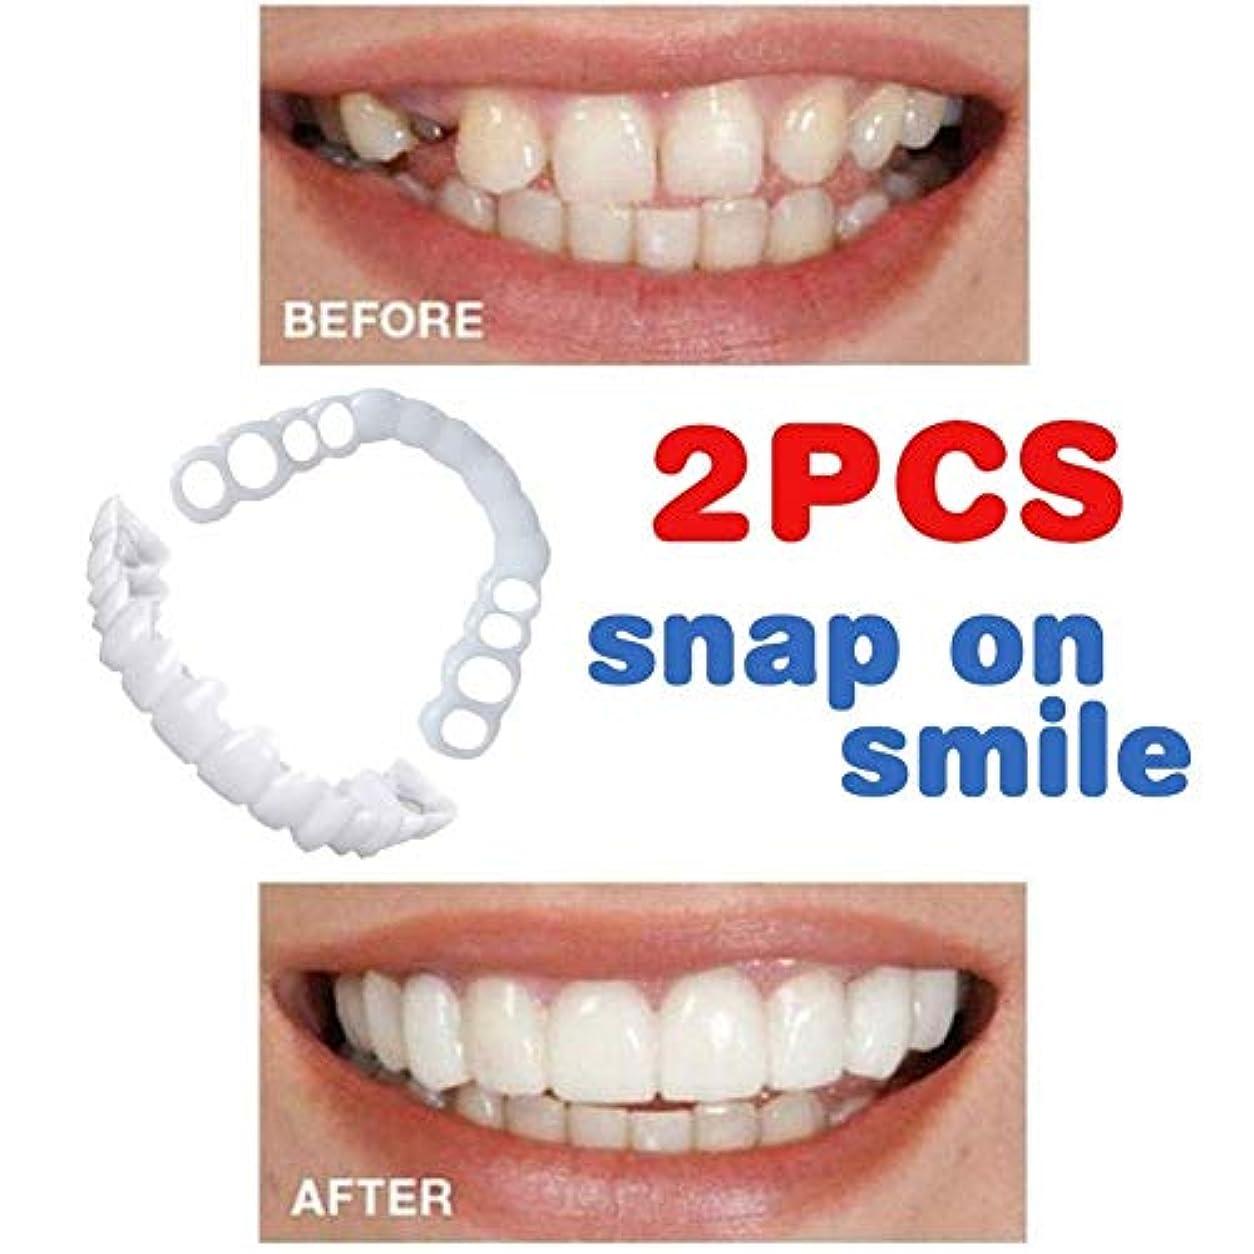 抱擁明らかに正しい完璧な笑顔ホワイトニング義歯フィットフレックス化粧品歯快適なベニアカバーデンタルケアアクセサリーベニア化粧品ベニア